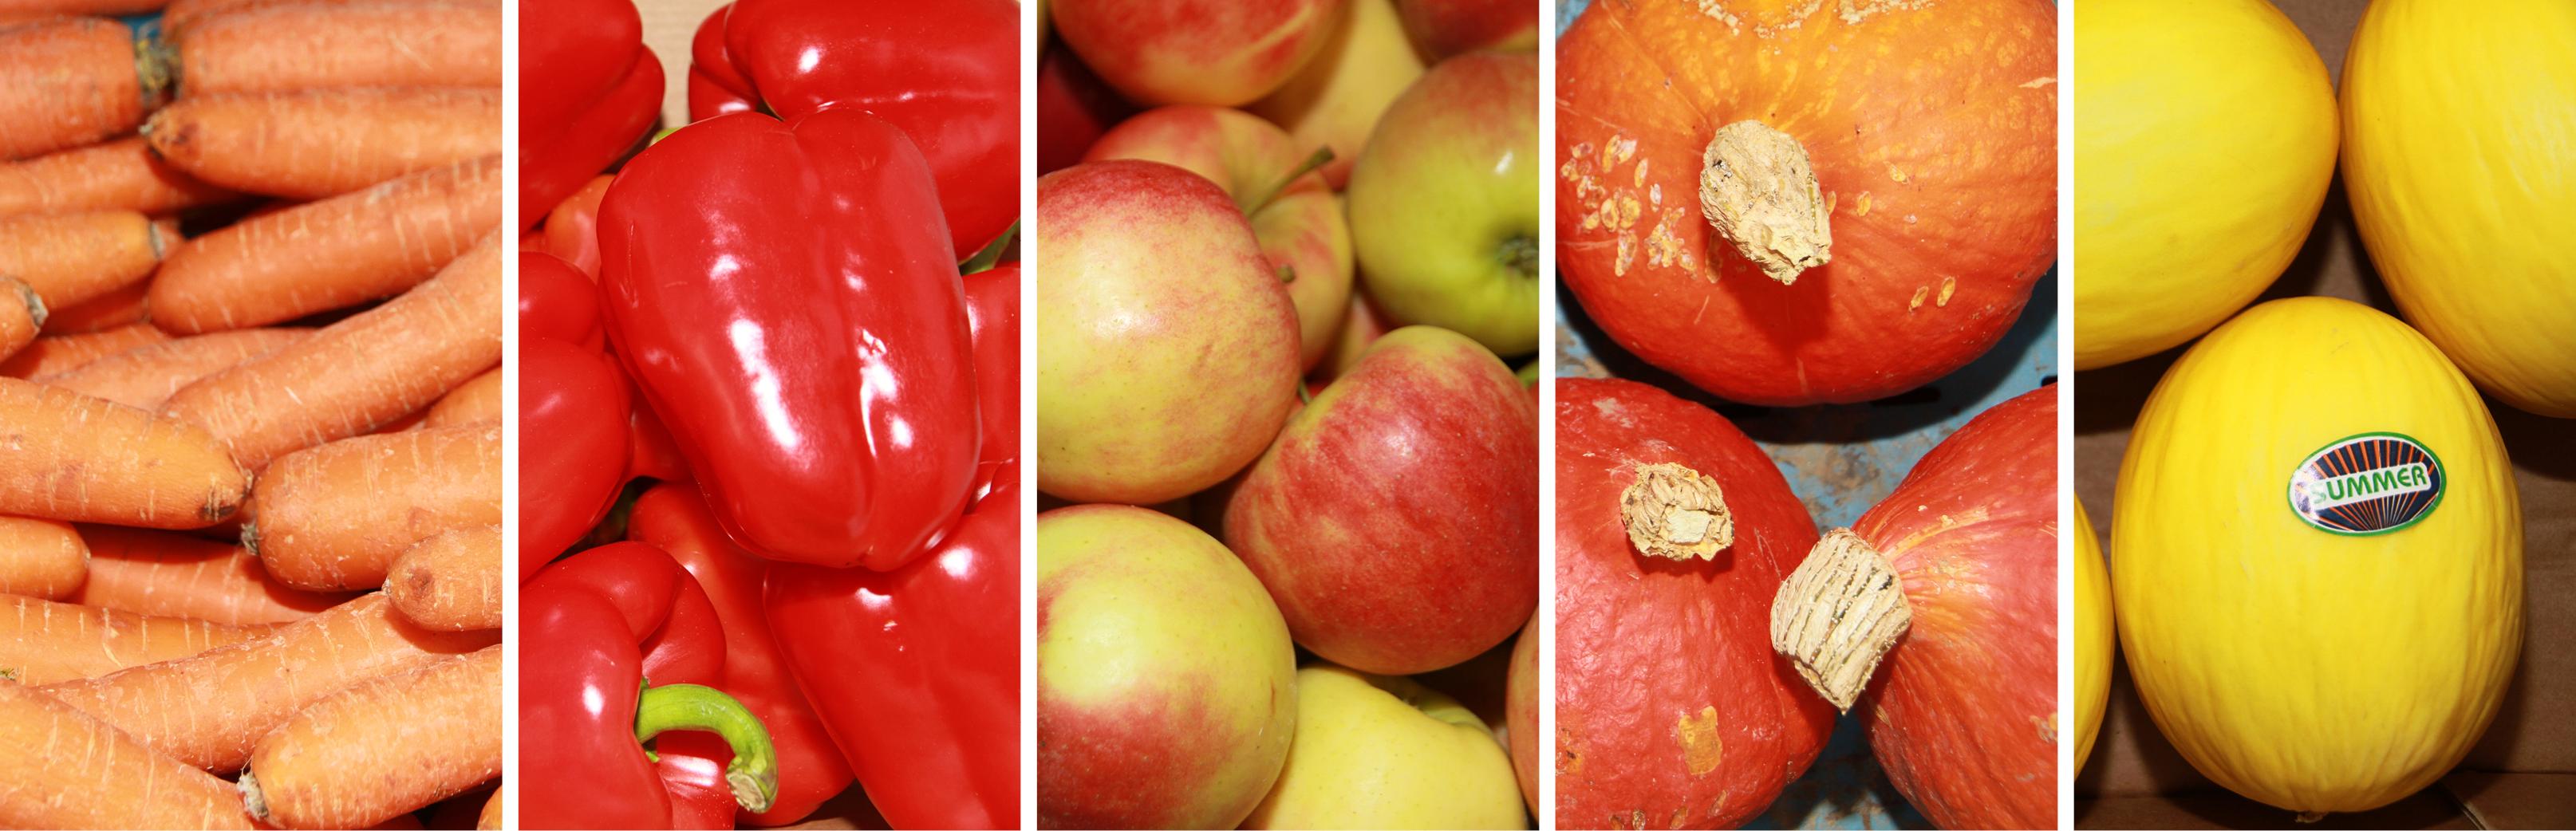 Liefern Obst Südfrüchte Exoten Kräuter Sauerkraut